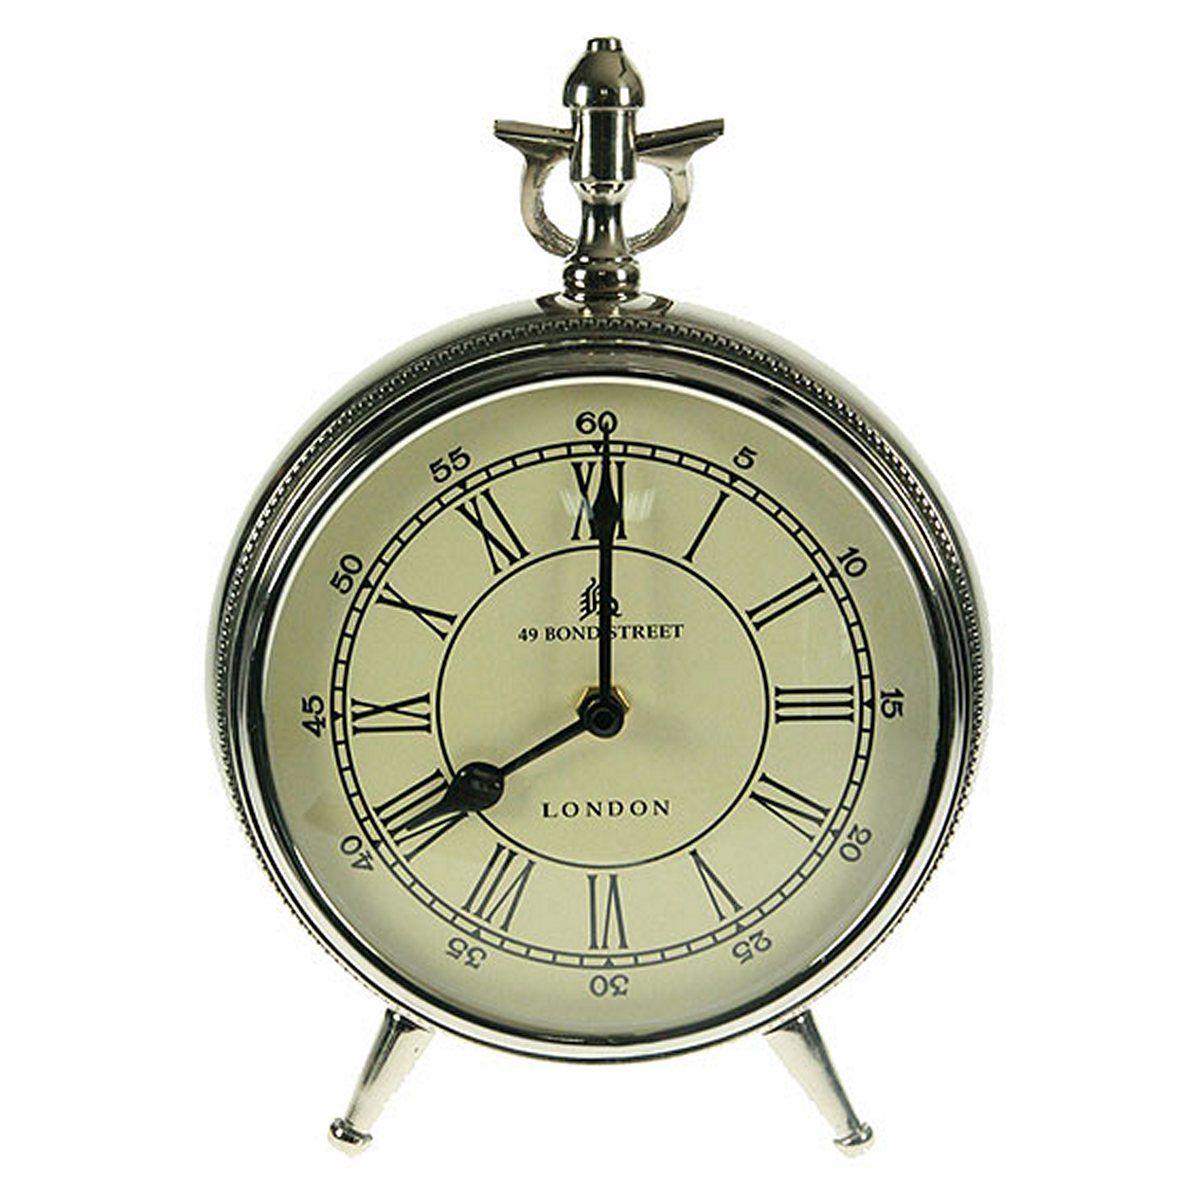 Часы настольные Русские Подарки, 18 х 11 х 24 см. 3582235822Настольные кварцевые часы Русские Подарки изготовлены из металла, циферблат защищен стеклом. Часы имеют две стрелки - часовую и минутную.Такие часы красиво и необычно оформят интерьер дома или рабочий стол в офисе. Также часы могут стать уникальным, полезным подарком для родственников, коллег, знакомых и близких.